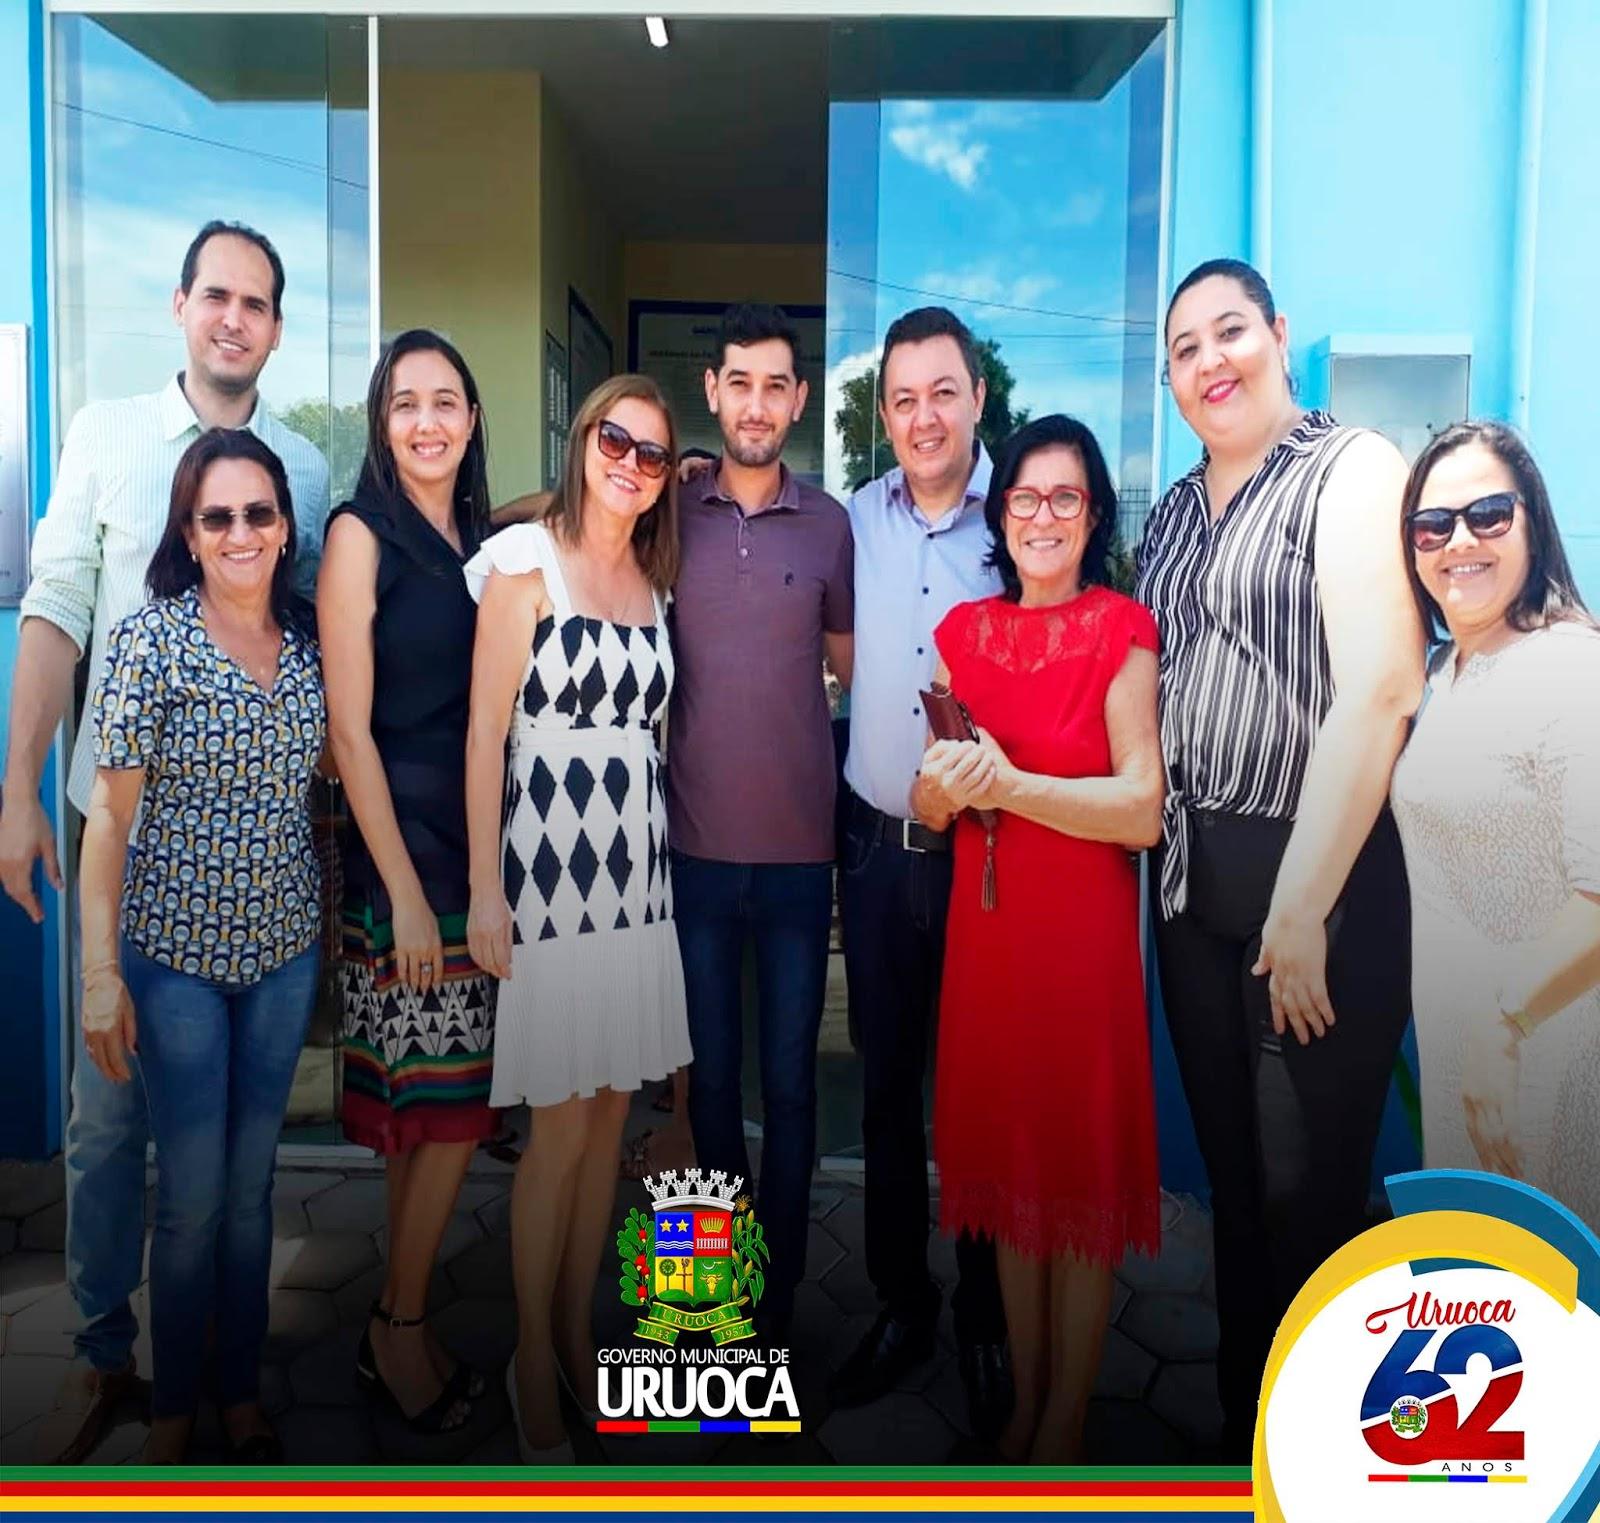 URUOCA 62 ANOS – MAIS SAÚDE PREFEITO KILSEM OFICIALIZA ENTREGA DE UBS JAN KEULY, EM CAMPANÁRIO